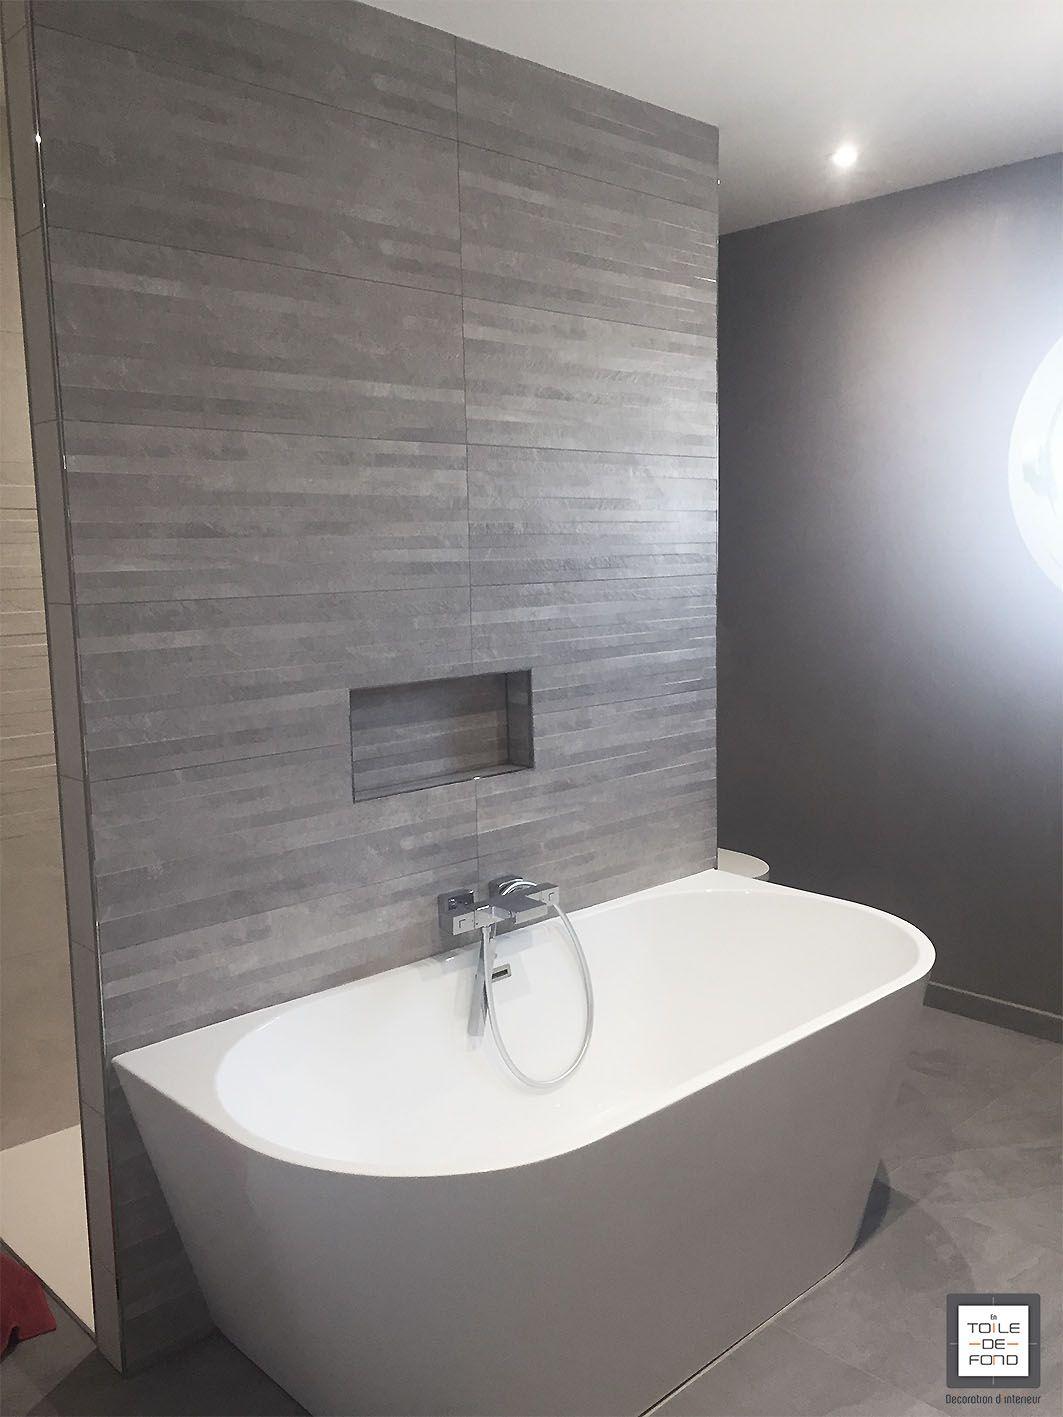 Salle de bain avec baignoire ilot - En Toile de Fond Décoration